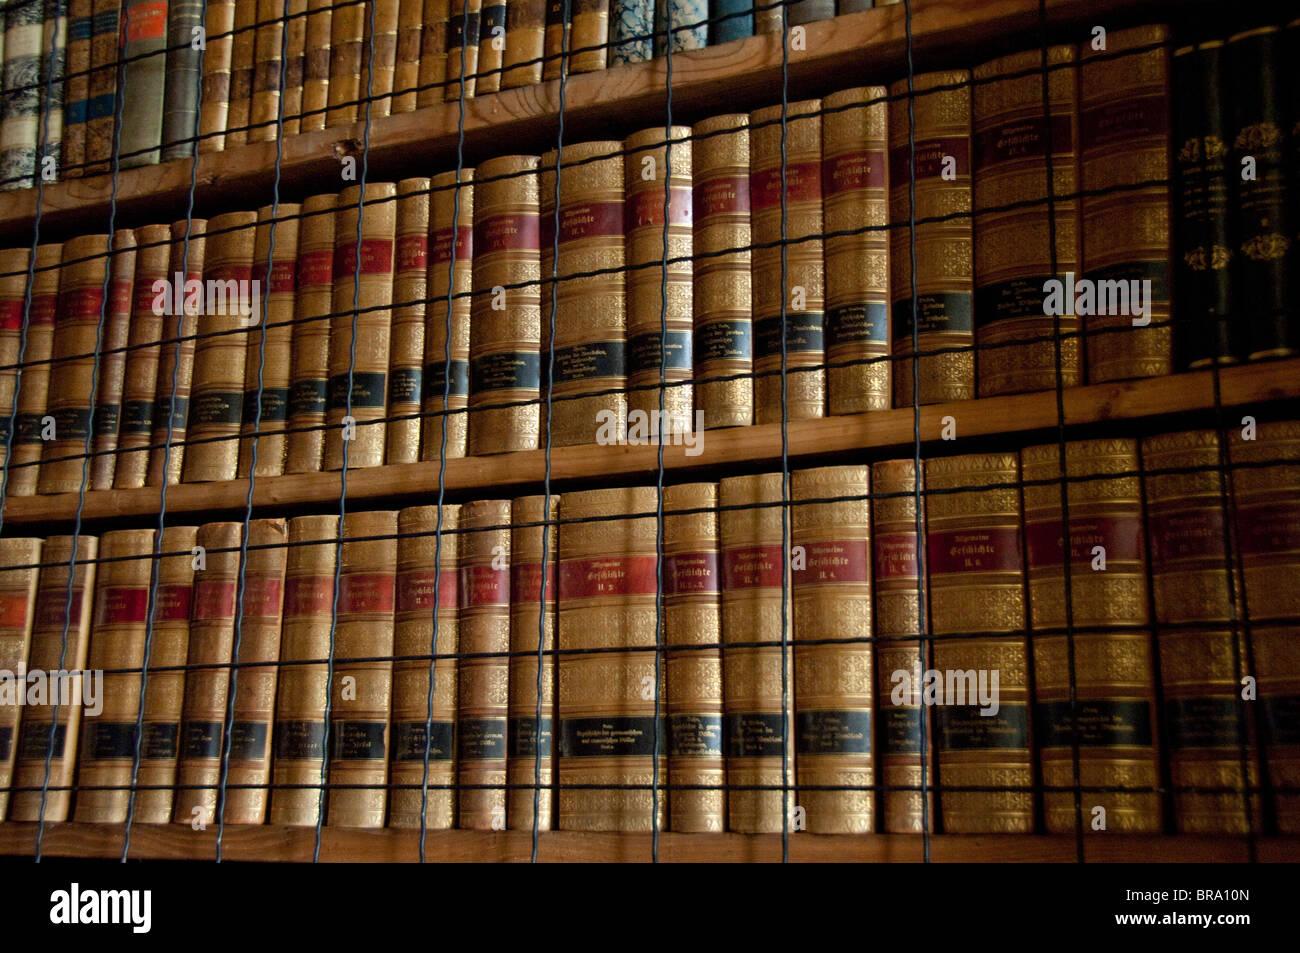 Melk Abbey Library Stock Photos  Melk Abbey Library Stock-4432